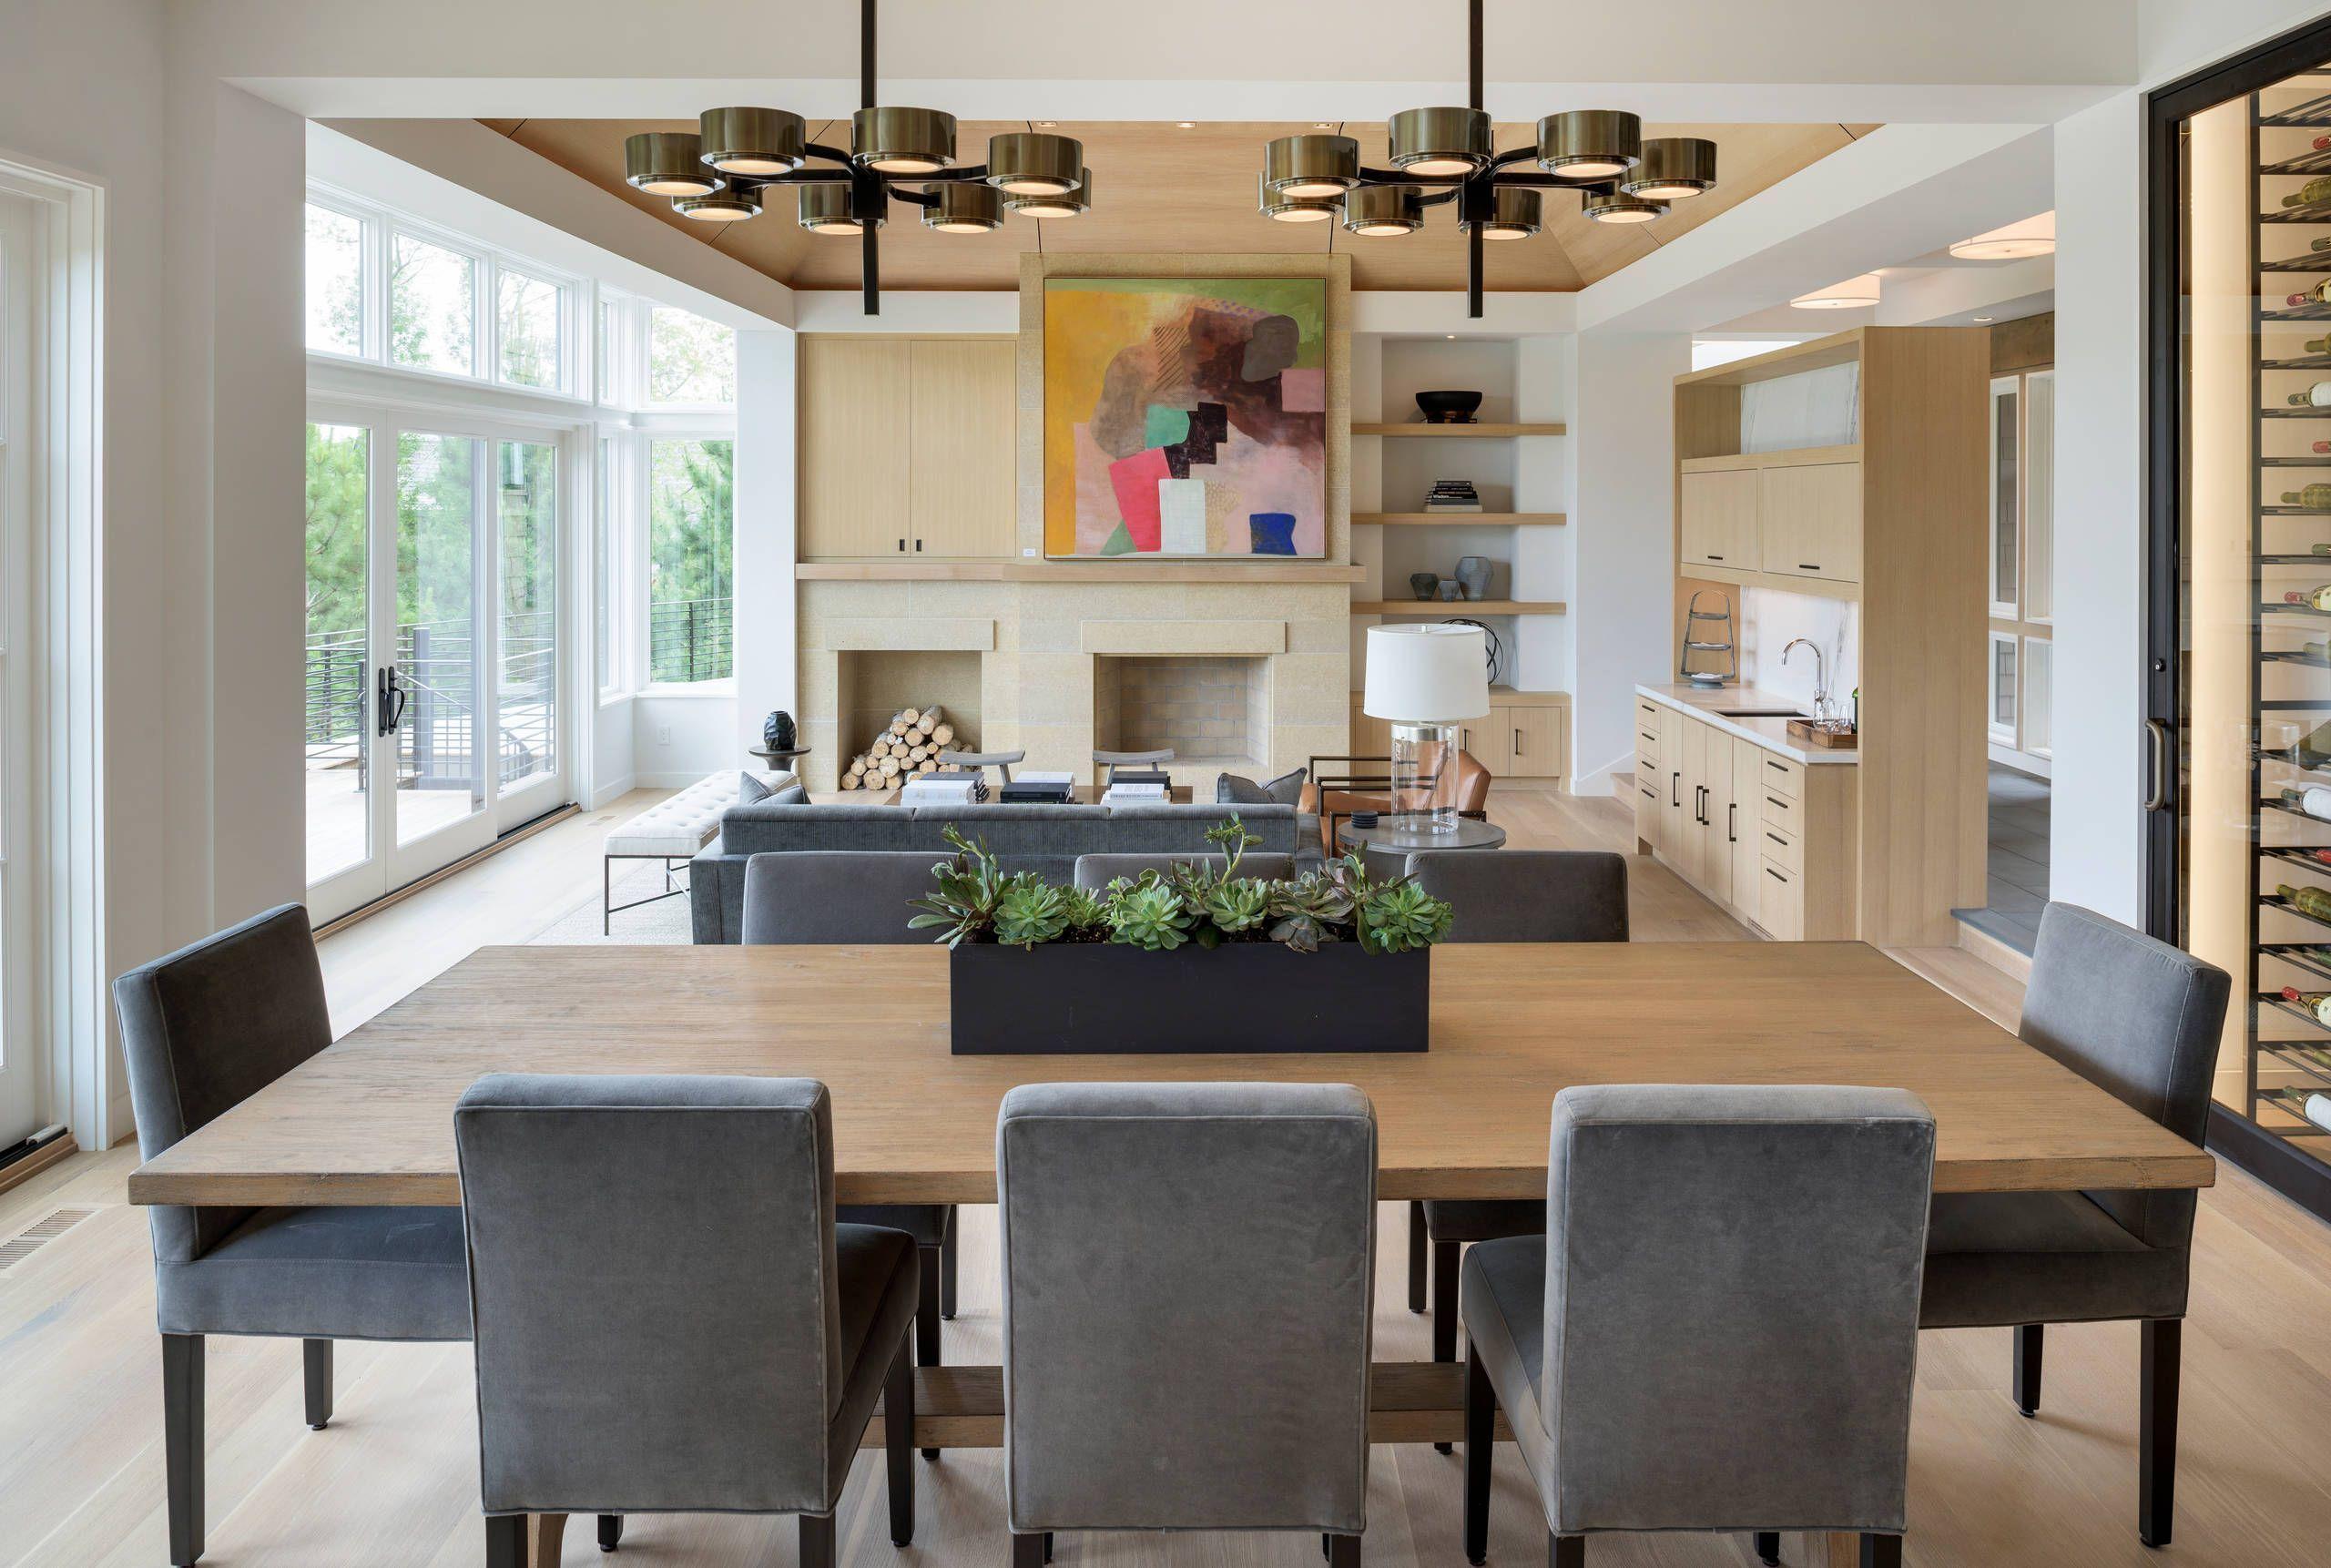 Casas modernas ideias dicas fachadas e projetos 80 fotos for Fotos de interiores de casas modernas